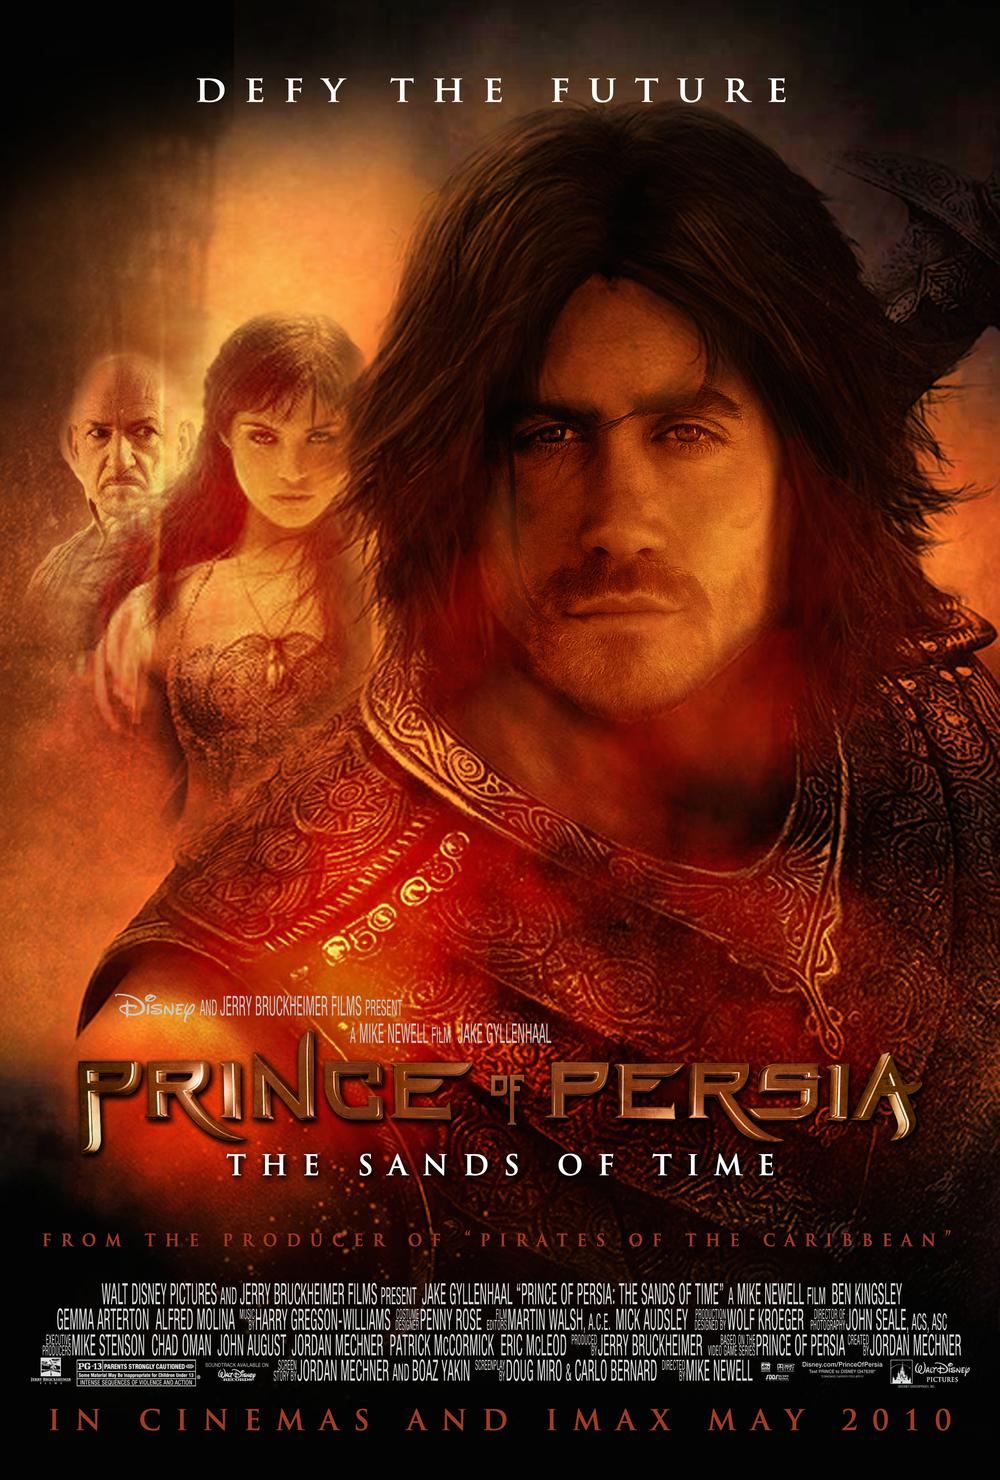 2010-PrinceOfPersia-02.jpg